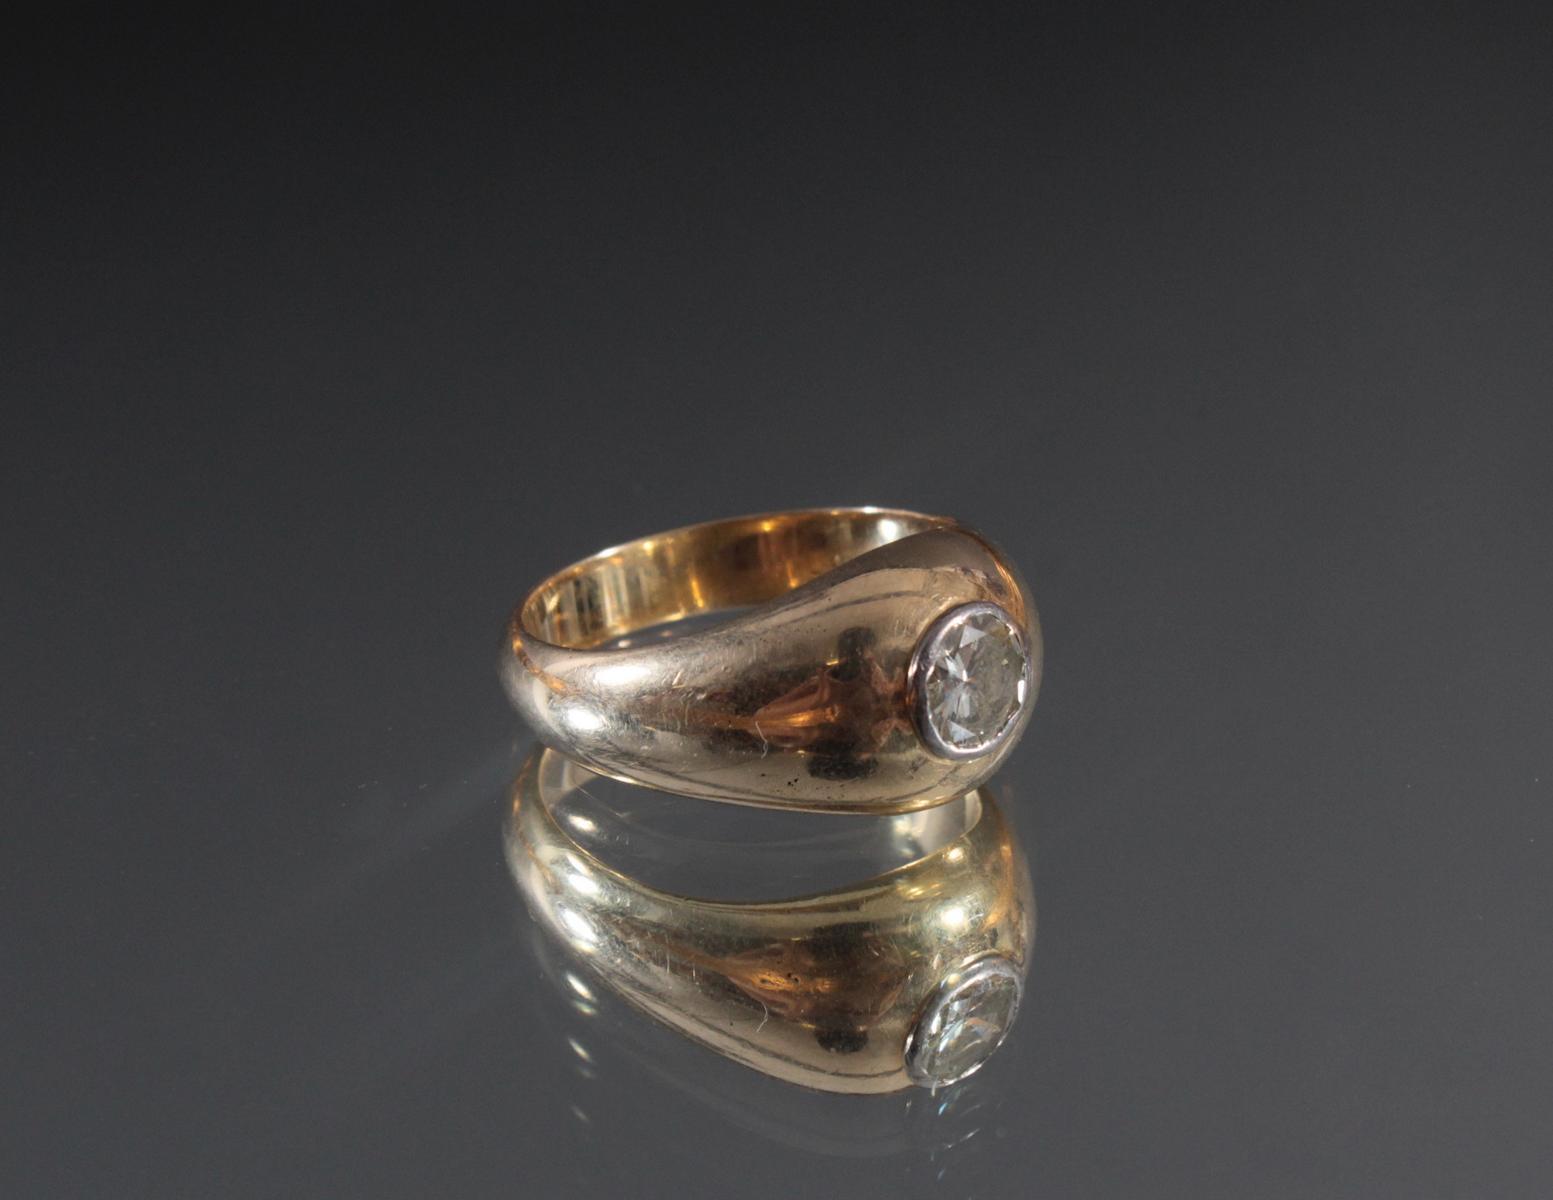 Herrenring aus 14 Karat Gelbgold mit Diamant von 1 Karat